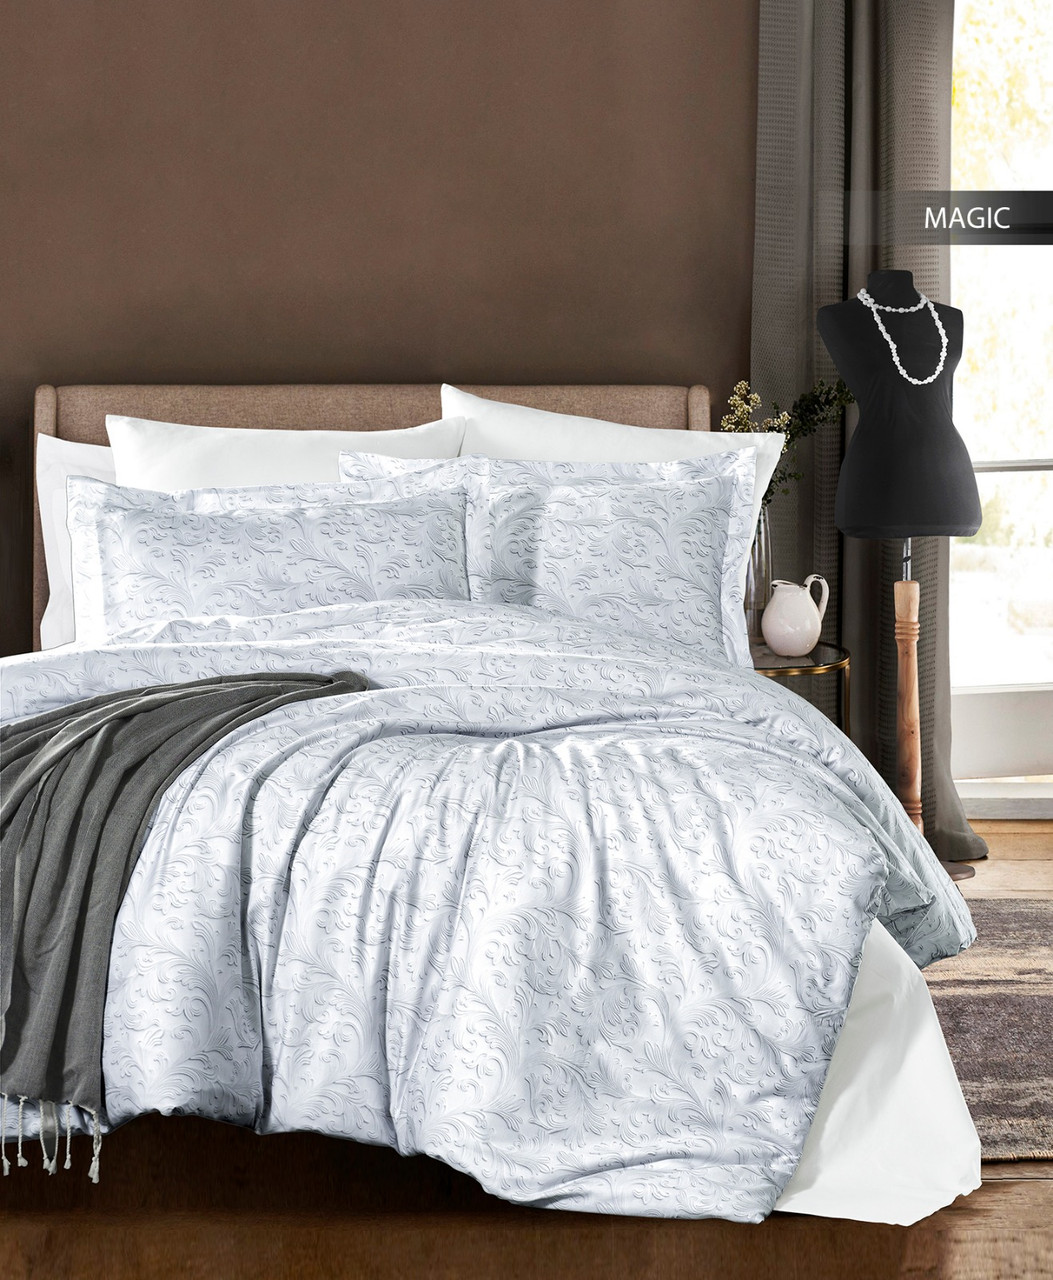 Комплект постельного белья Ecosse Сатин 200х220 Magic